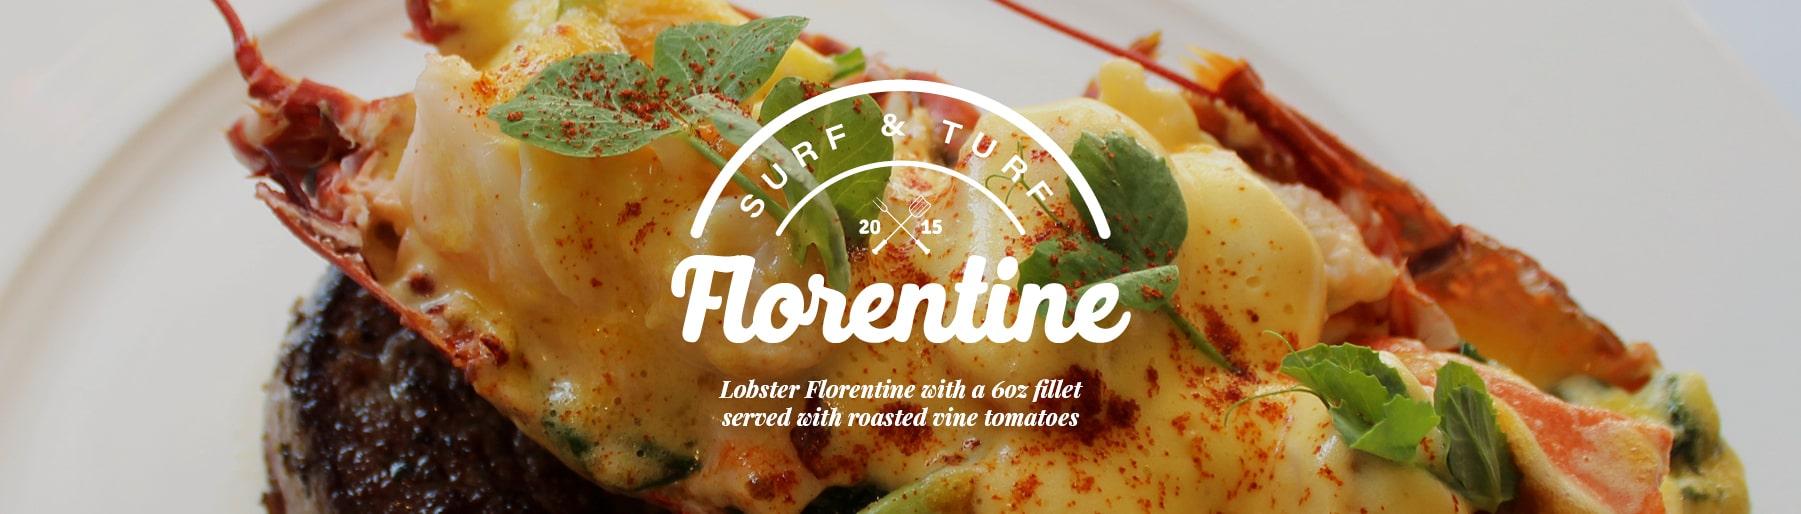 Surf & Turf Florentine